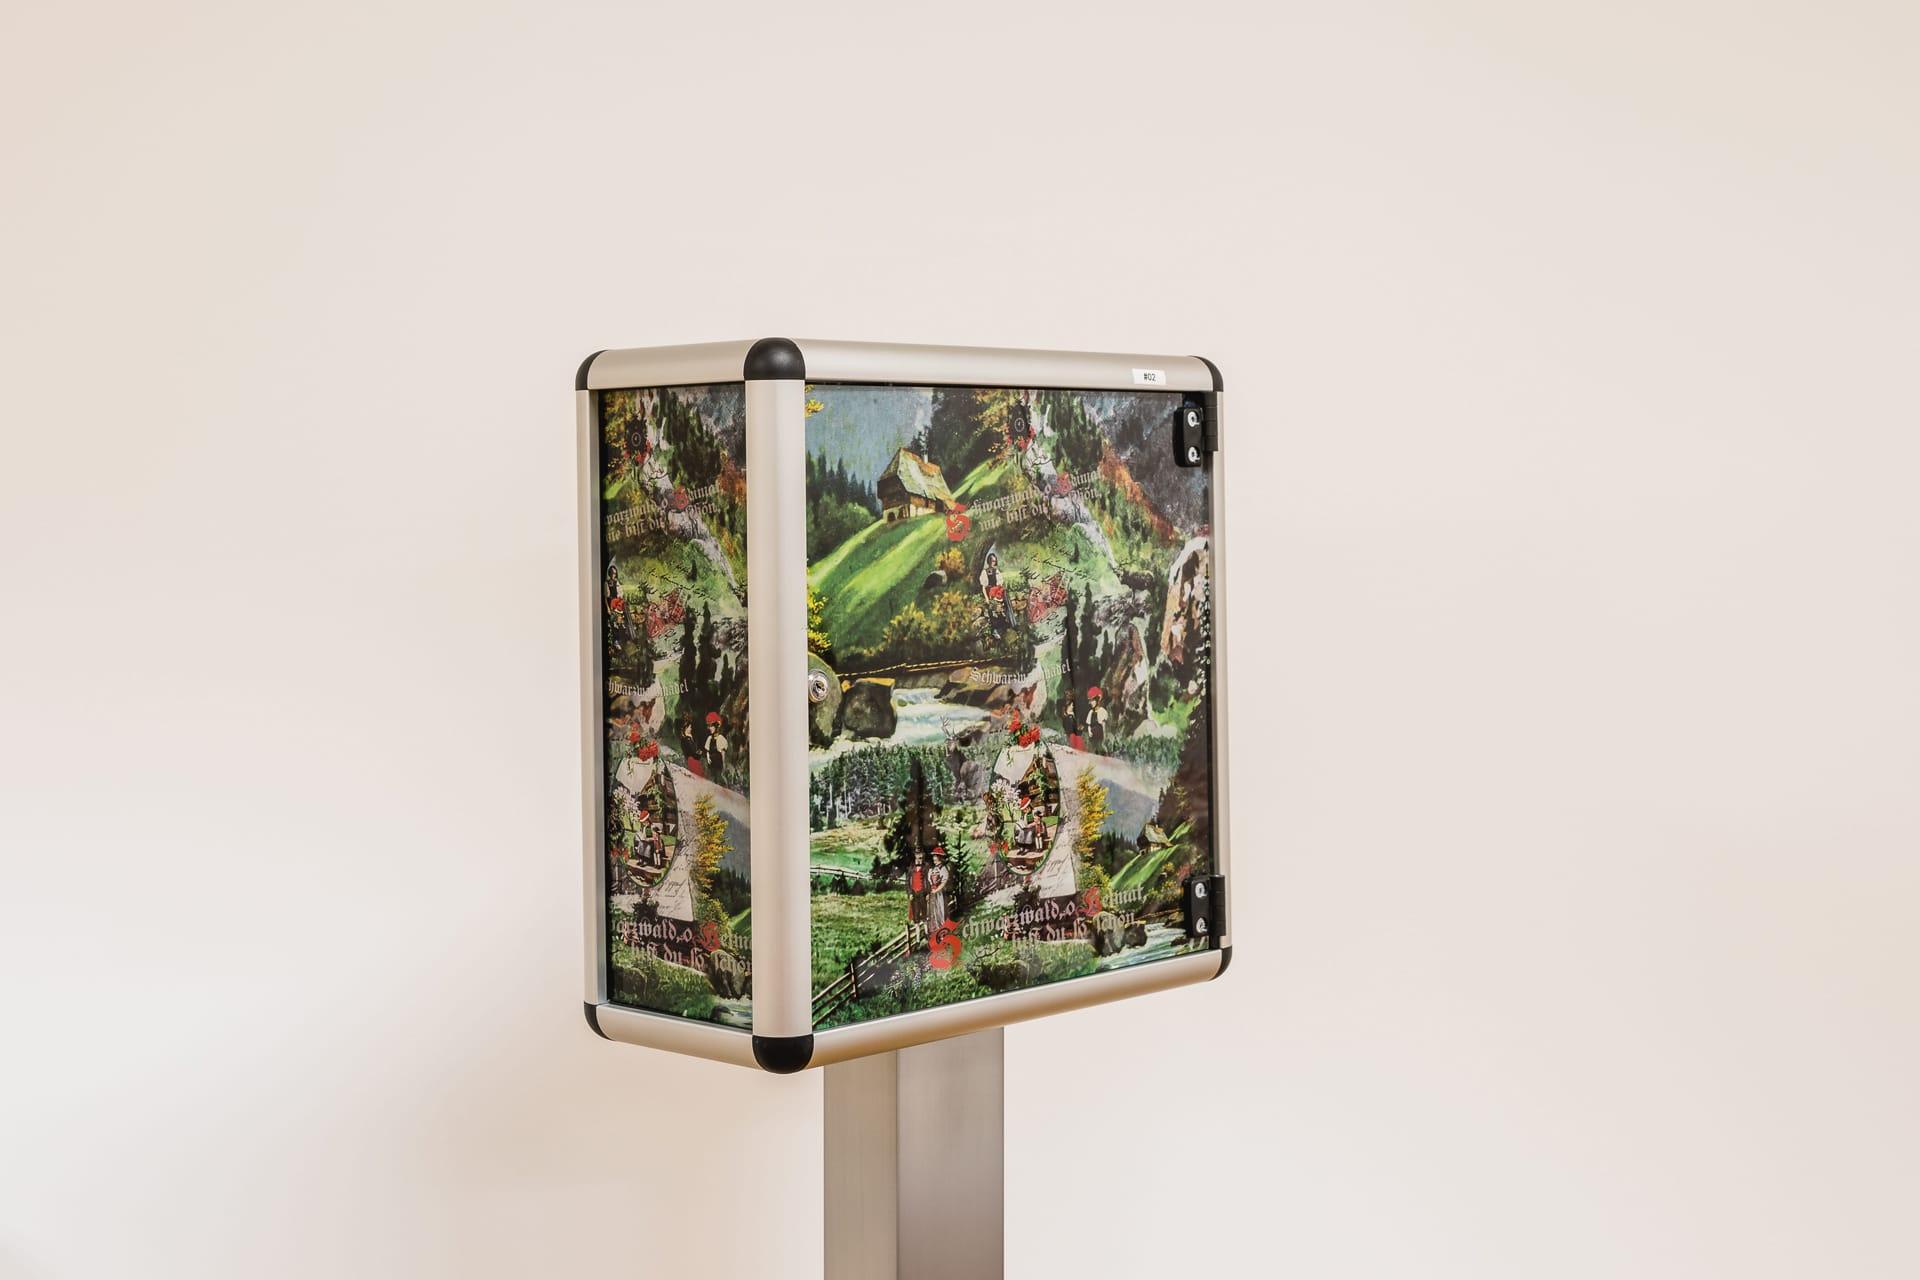 schwarzwald-fotobox-front